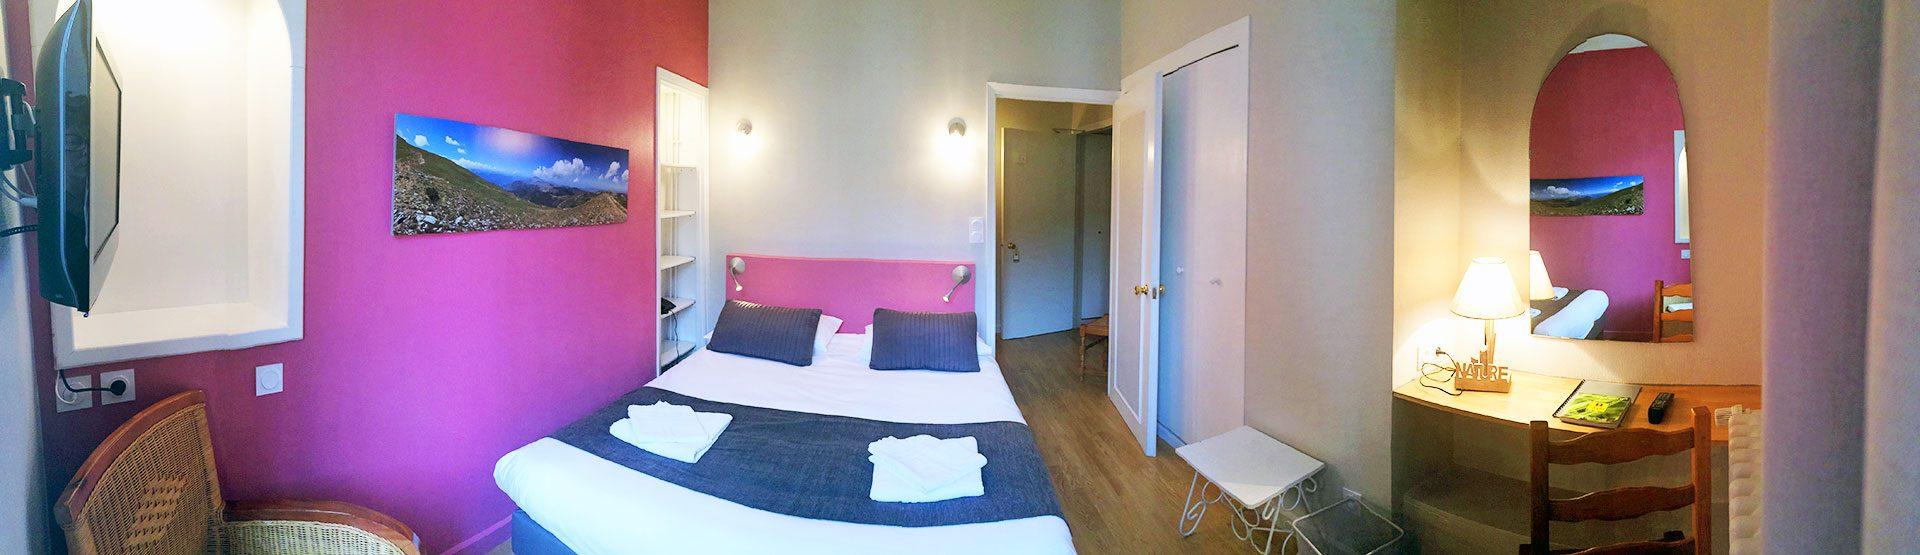 Chambre Standard n°6 - Hôtel *** le Chalet à Ax les Thermes en Ariège Pyrénées